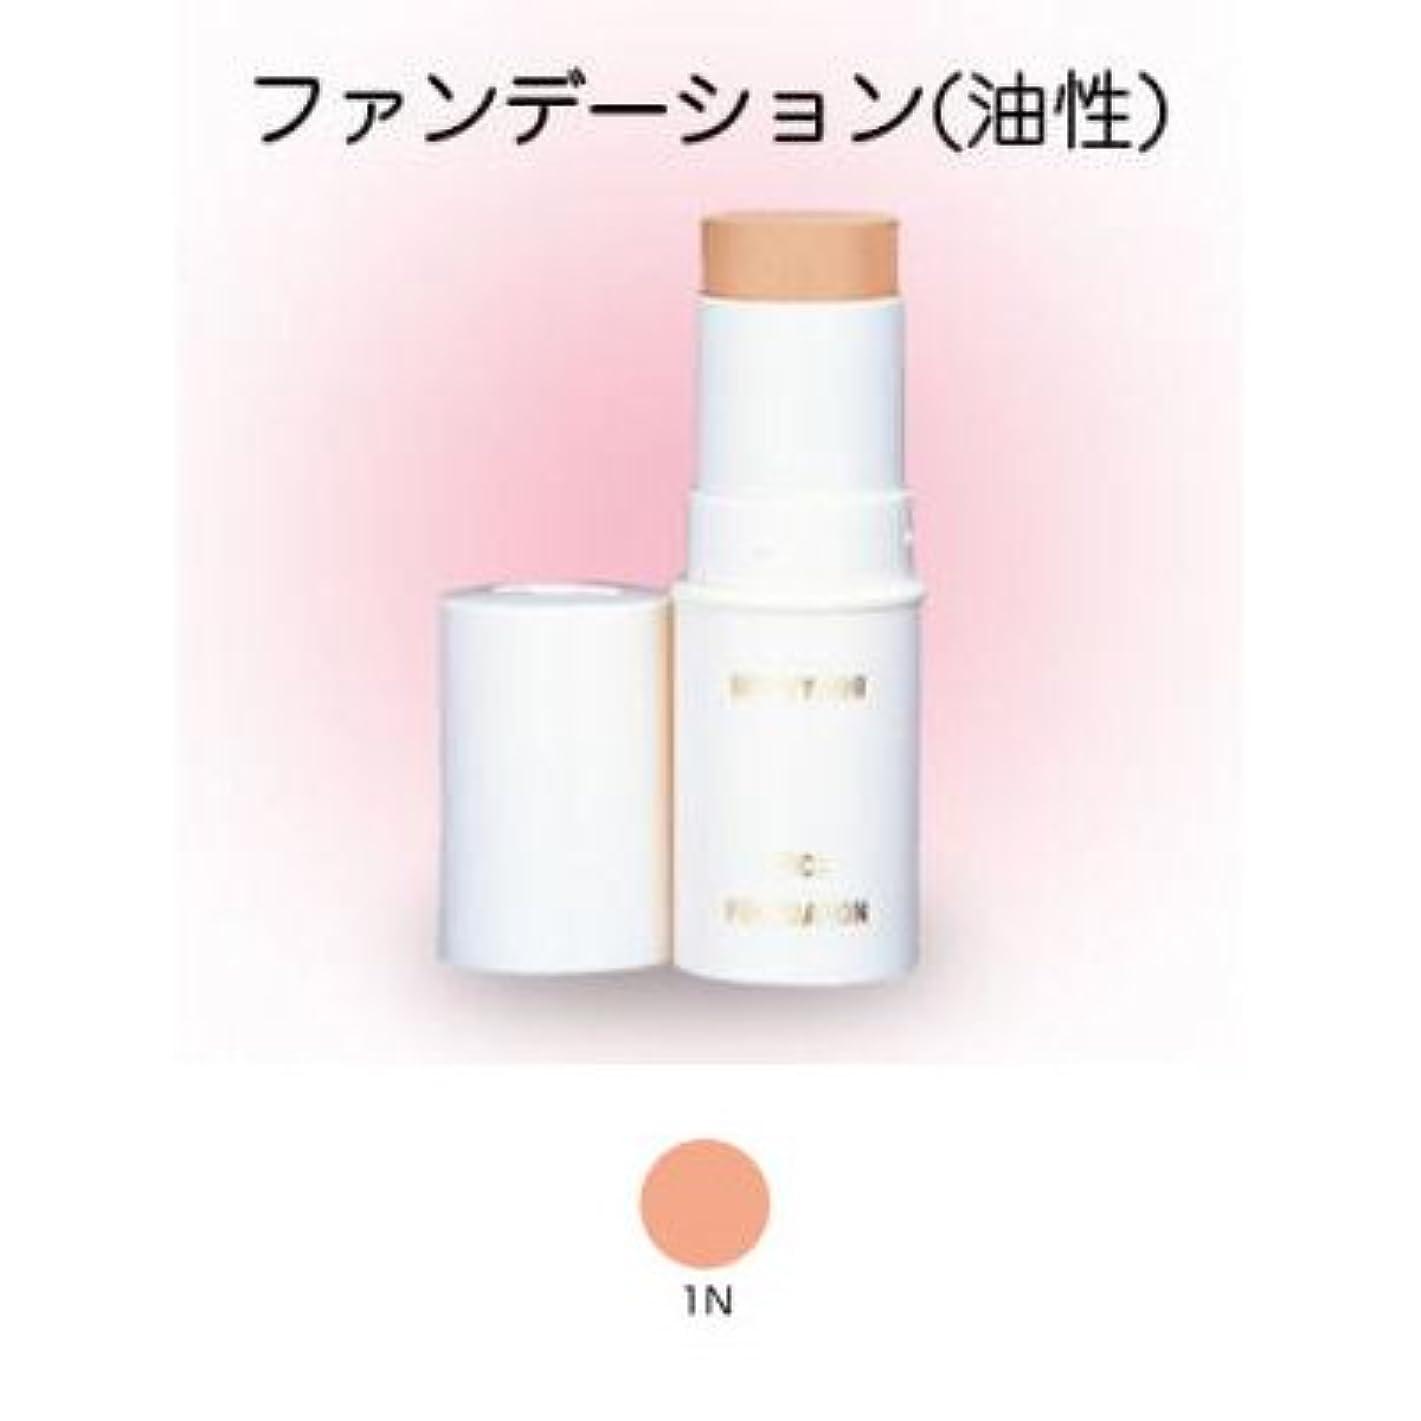 歌上げる性交スティックファンデーション 16g 1N 【三善】